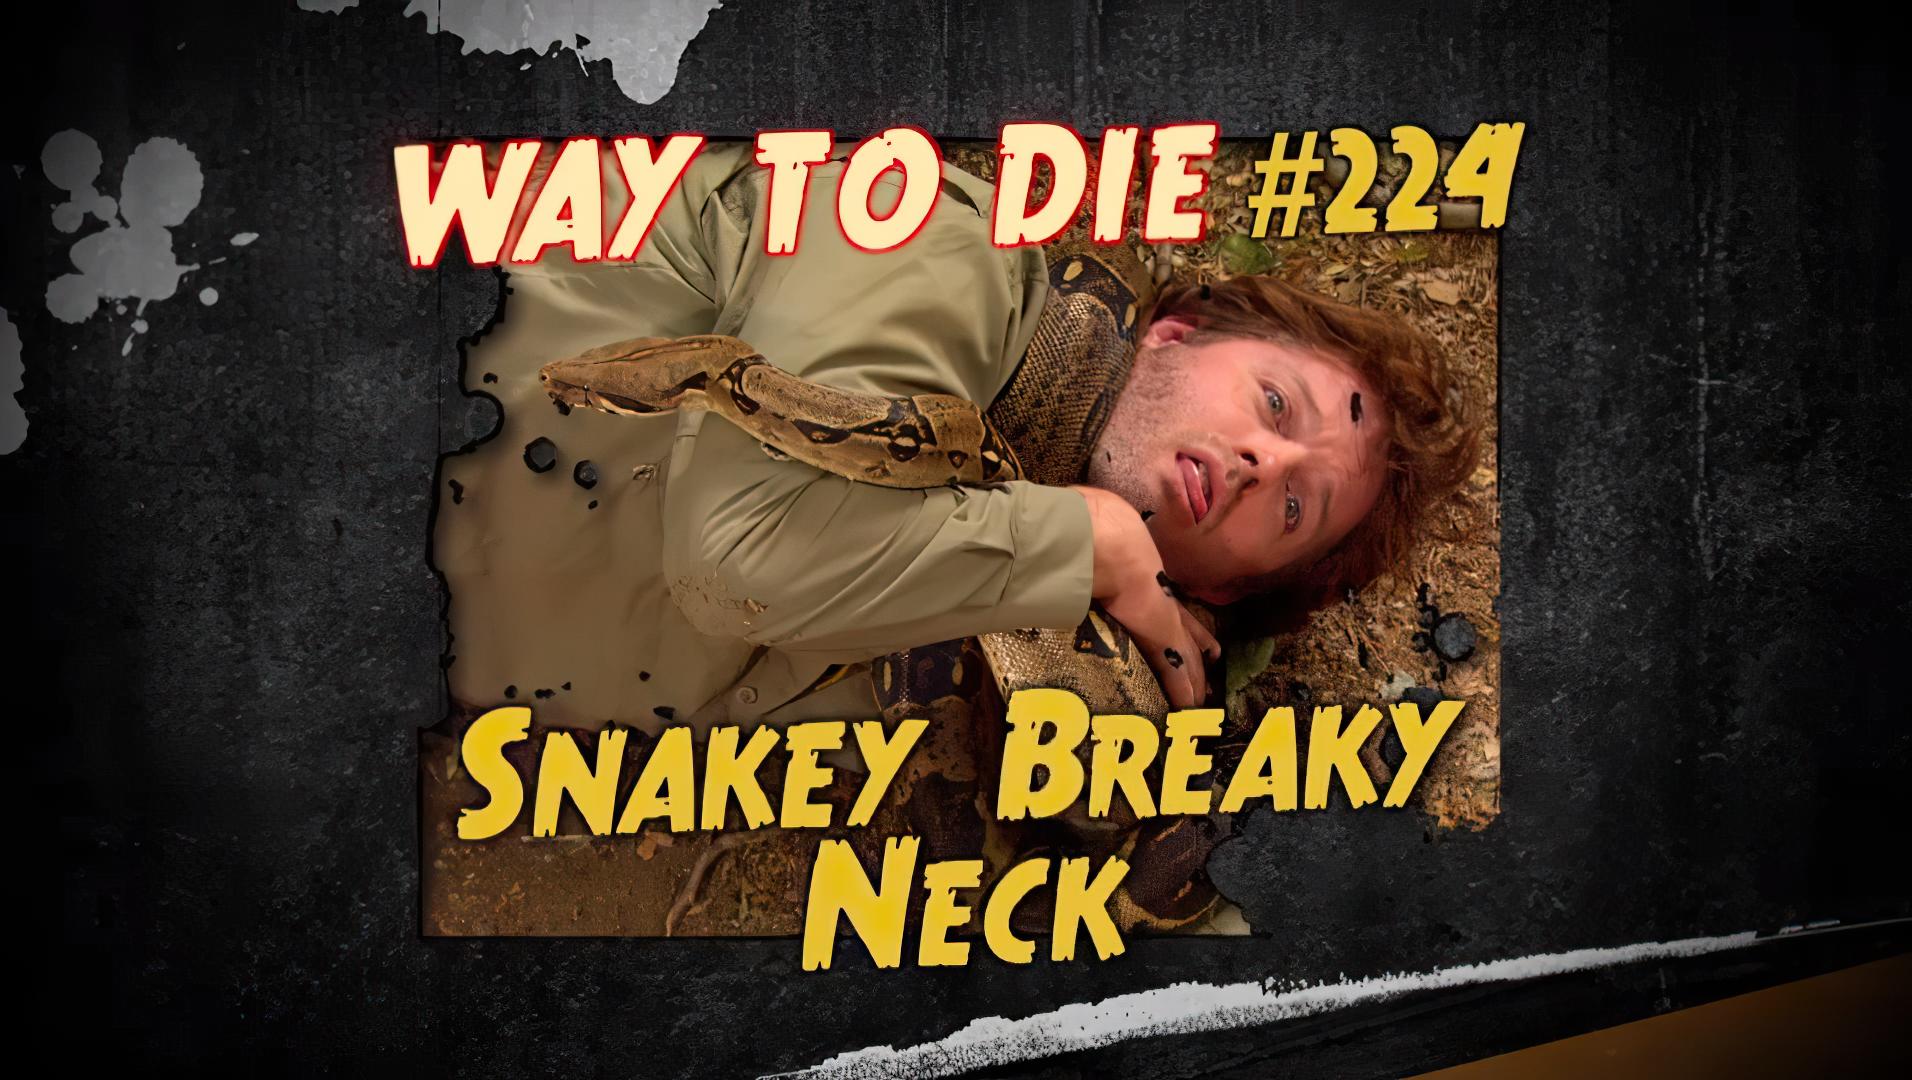 Snakey Breaky Neck